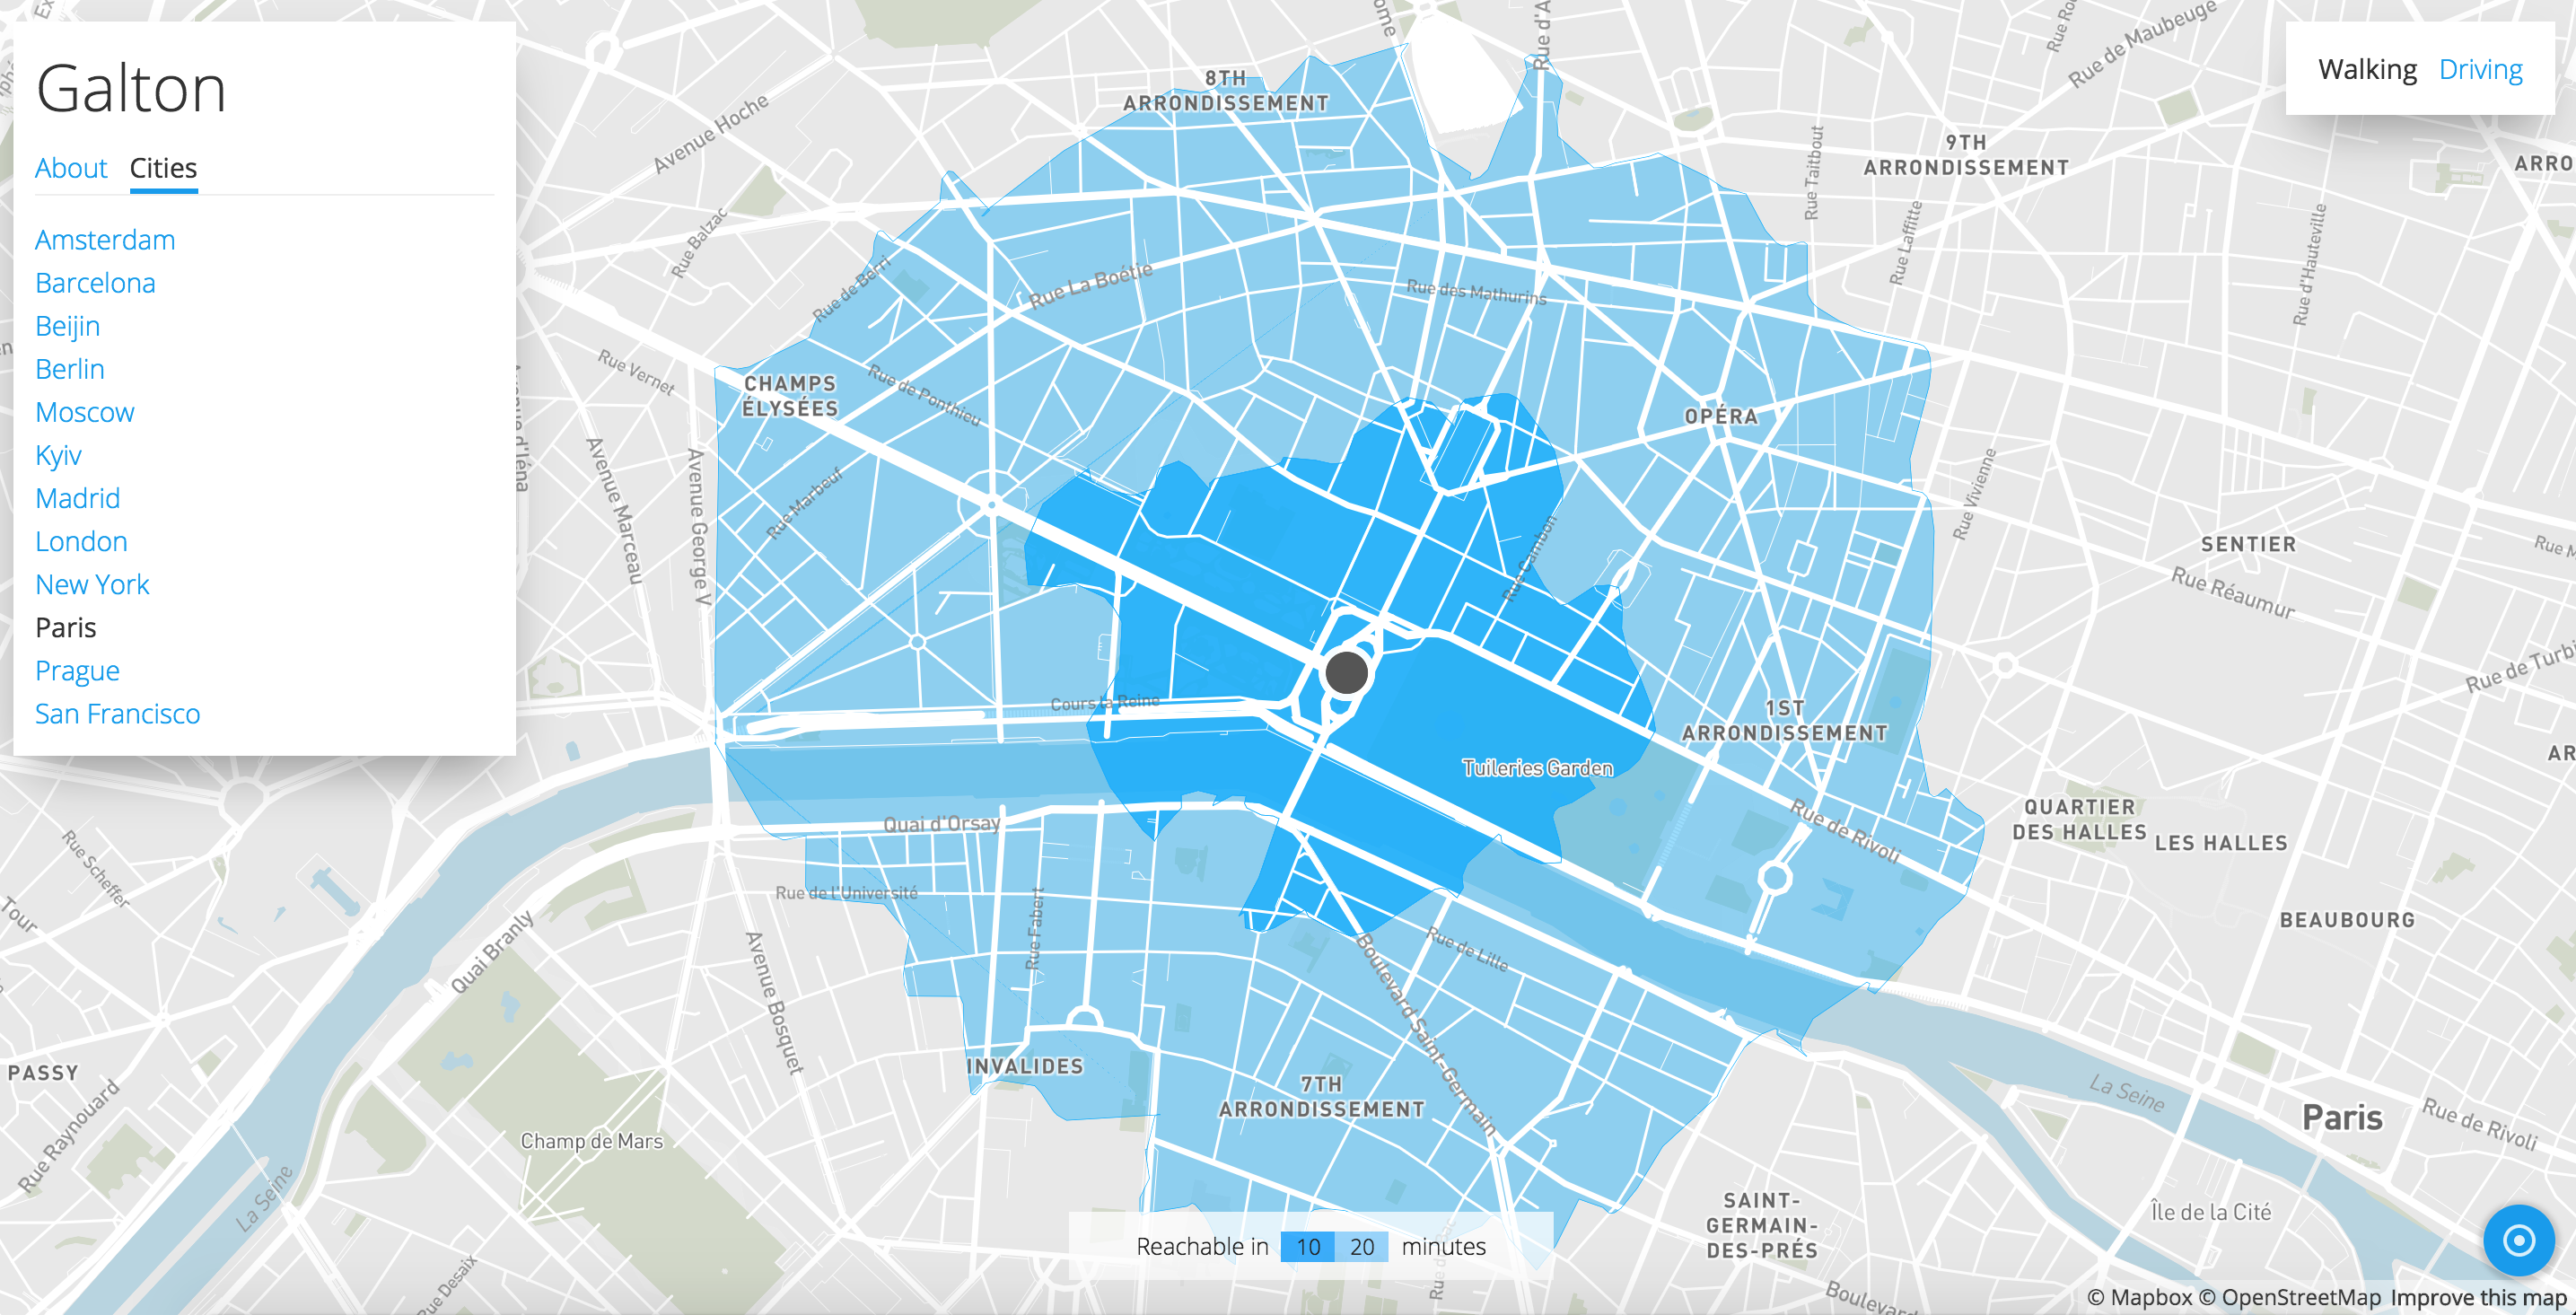 Galton, la mappa che ti dice dove puoi arrivare in 10 minuti